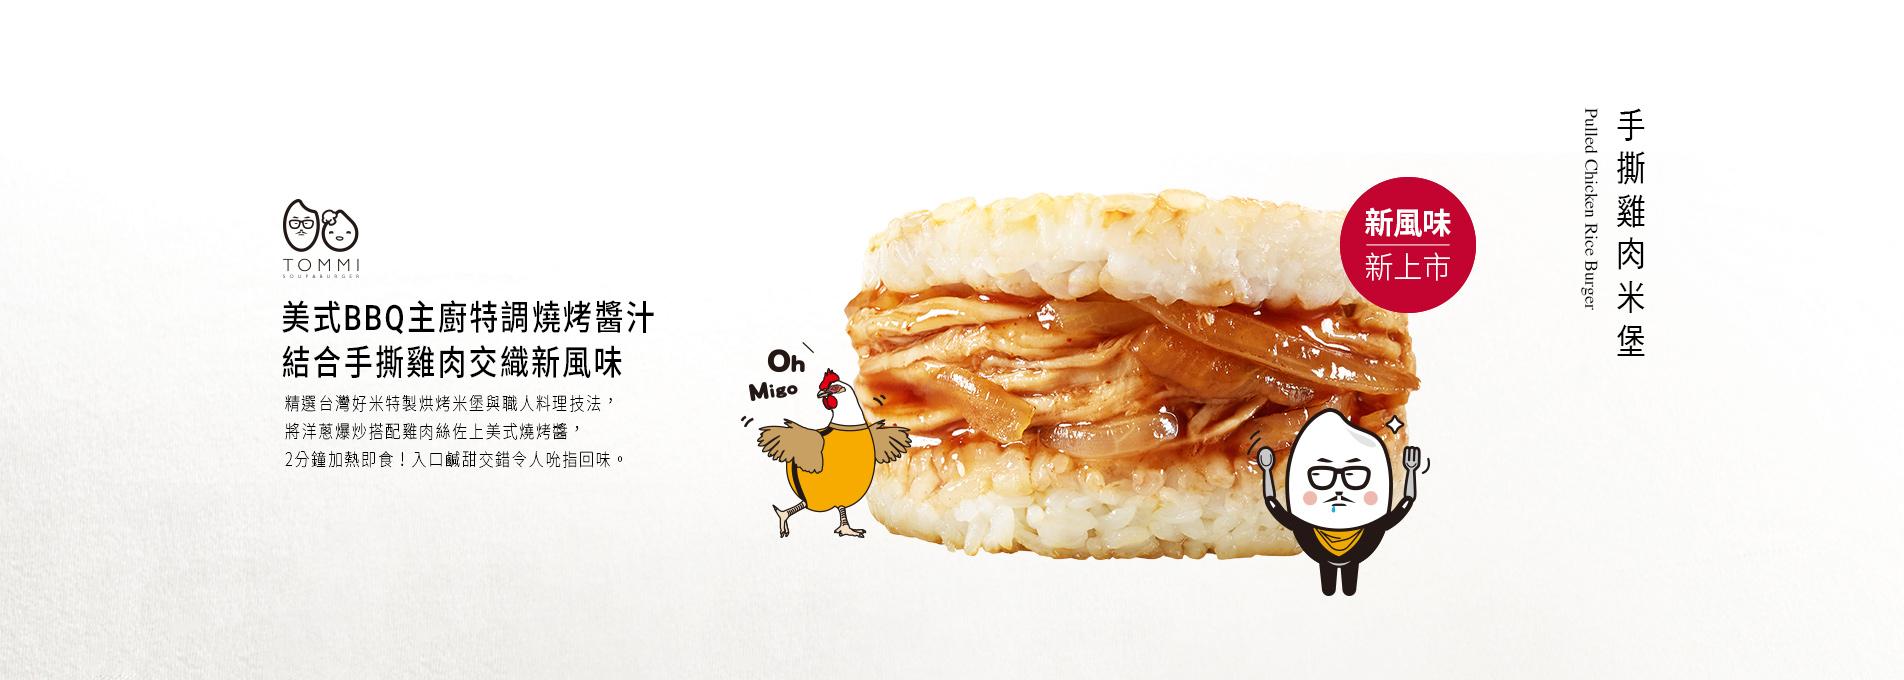 TOMMI湯米 BBQ手撕雞肉米漢堡(10入)